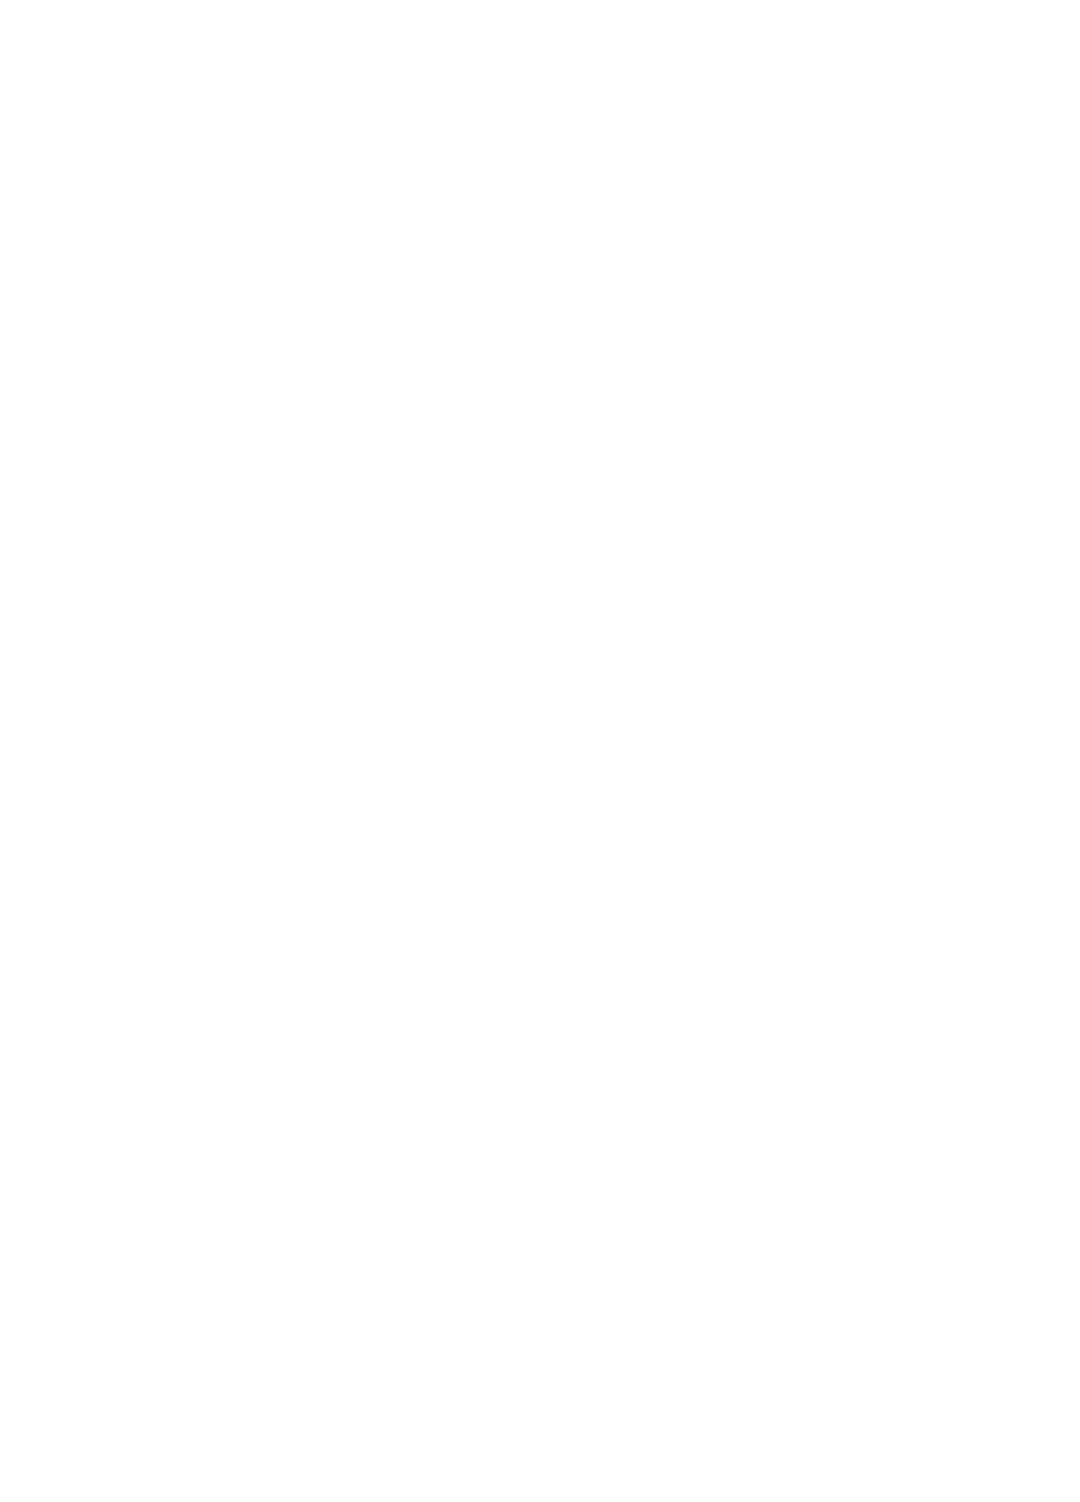 【エロ漫画】城を抜け出しては城下へと繰り出すプリンセス…ある日、彼女は裏道の壁穴からチンポが生えているのを見つけてしまい、我慢できなくなってアヘ顔でバキュームフェラする!【すどー:文武両道チンポ激熱プリンセス】